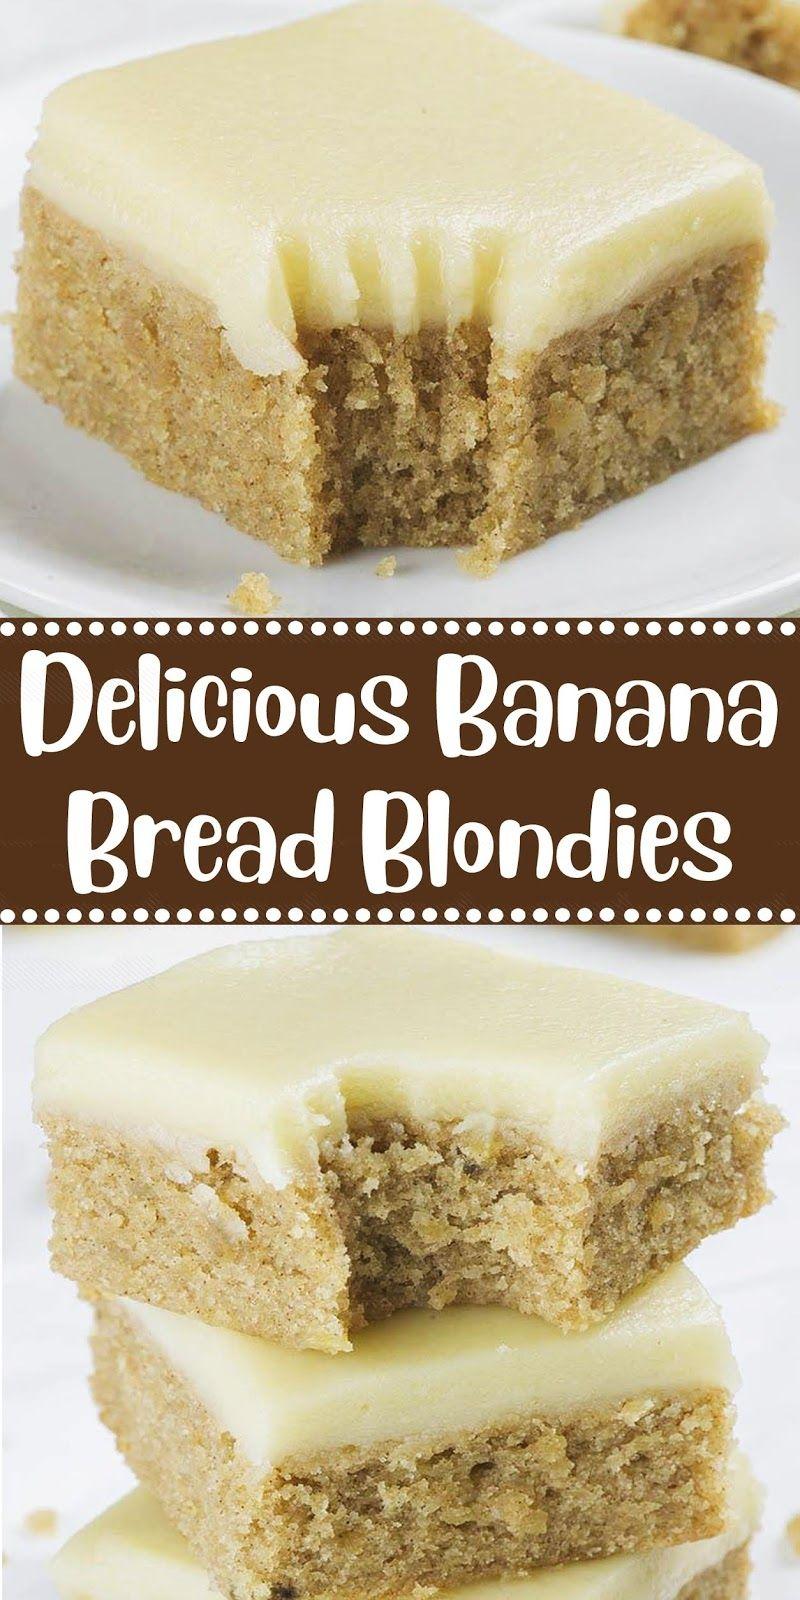 Delicious Banana Bread Blondies #bananadessertrecipes